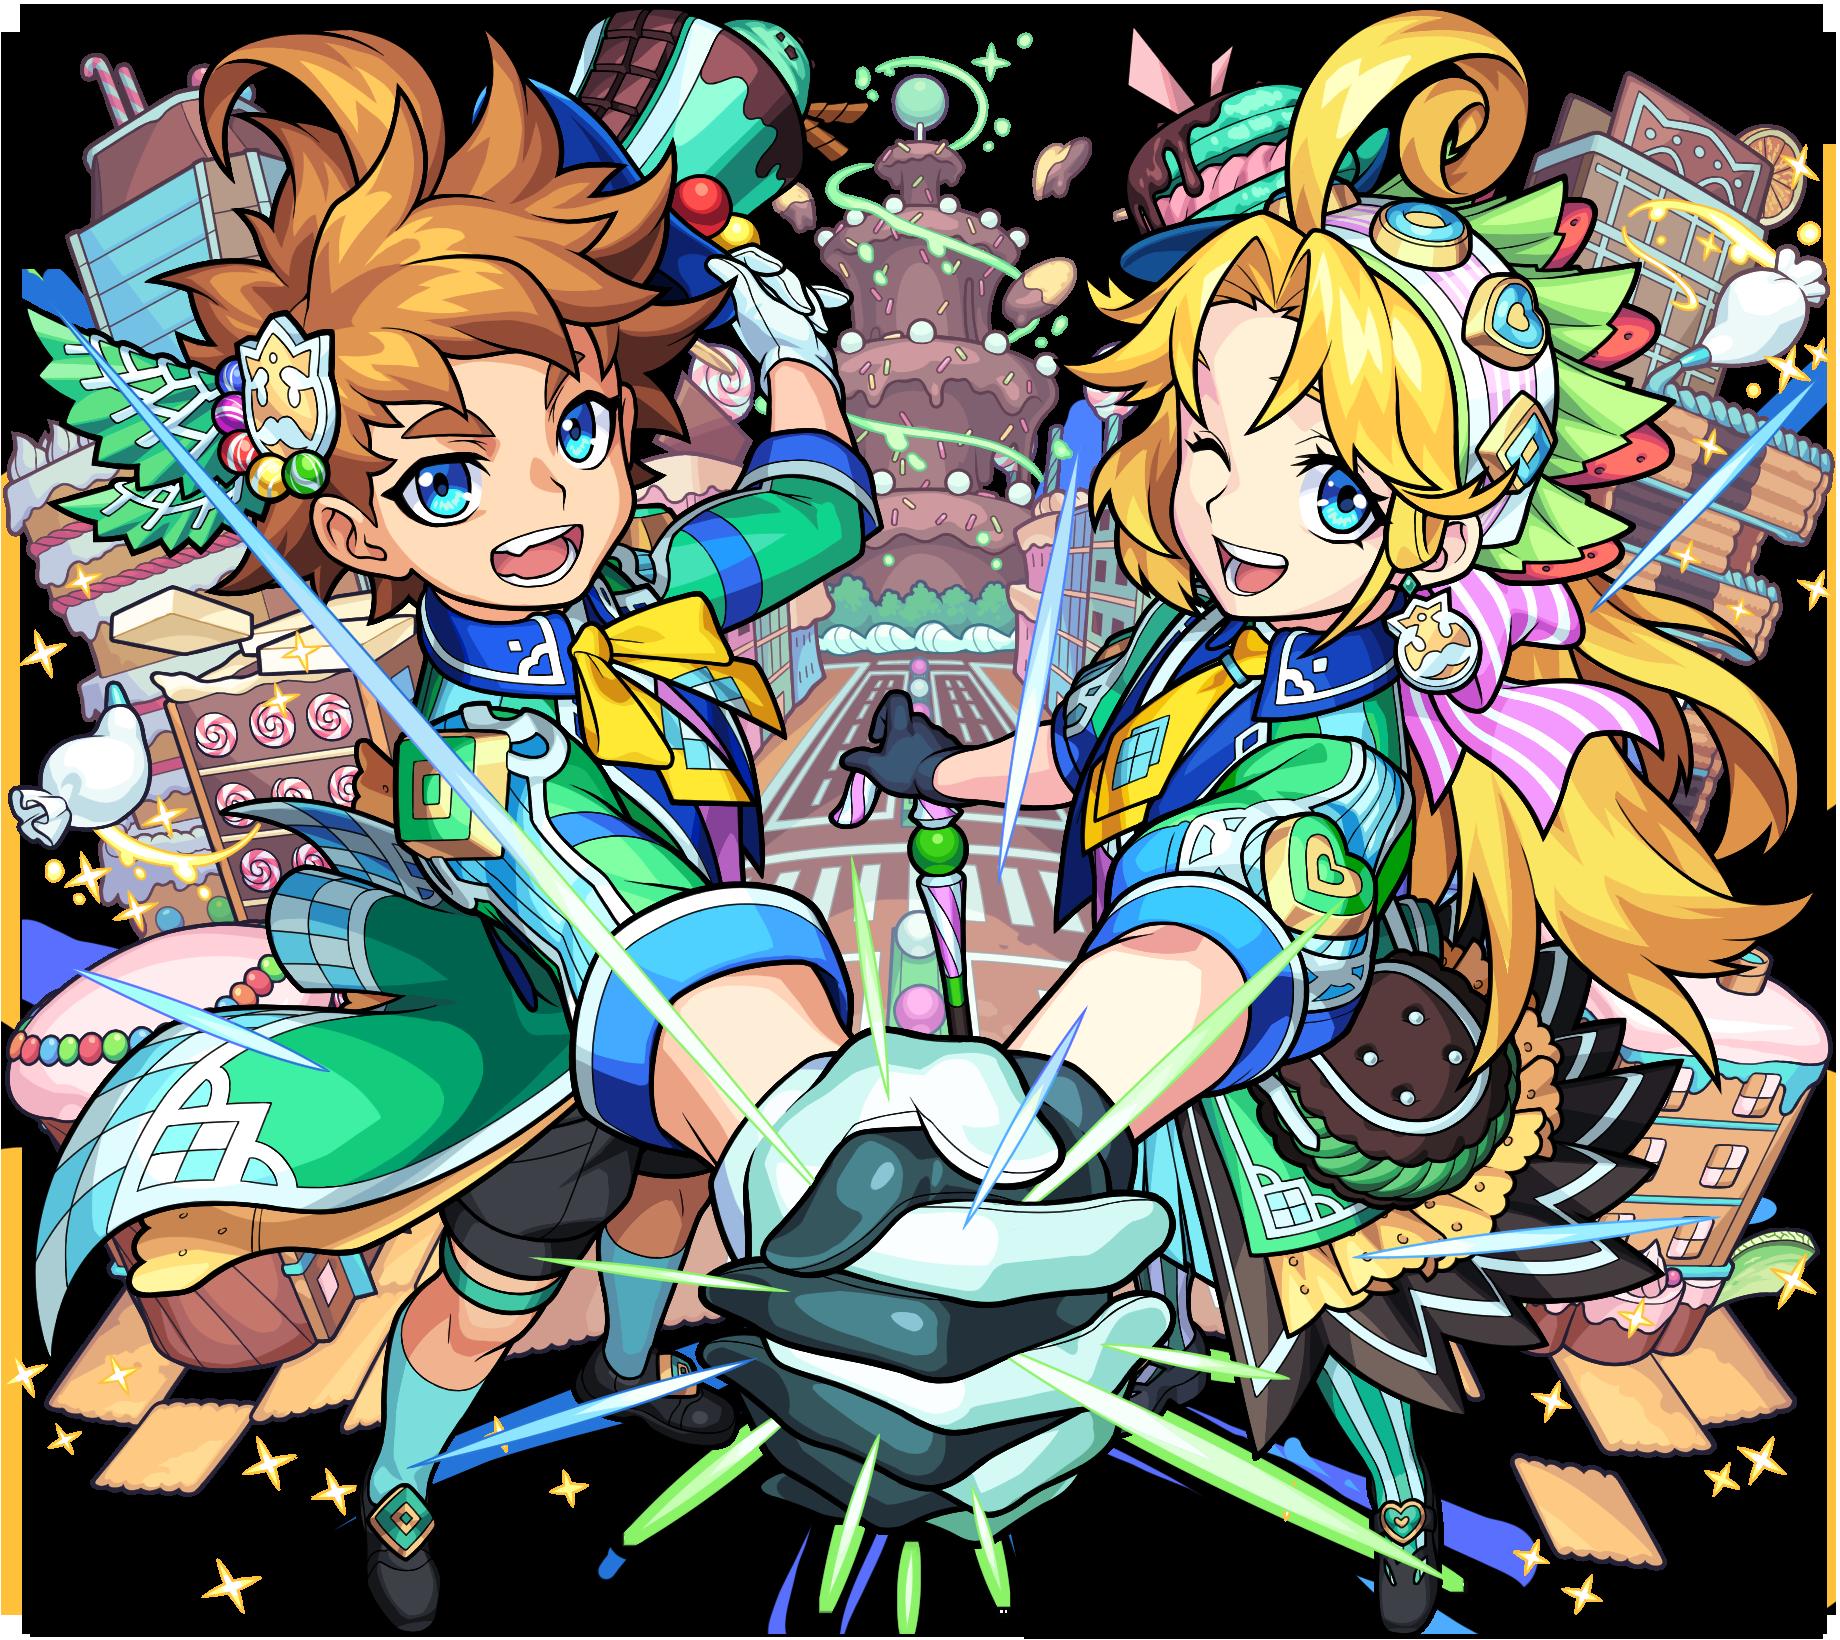 木属性 ★6 心を満たすお菓子の絆 ヘンゼル&グレーテル (獣神化後)